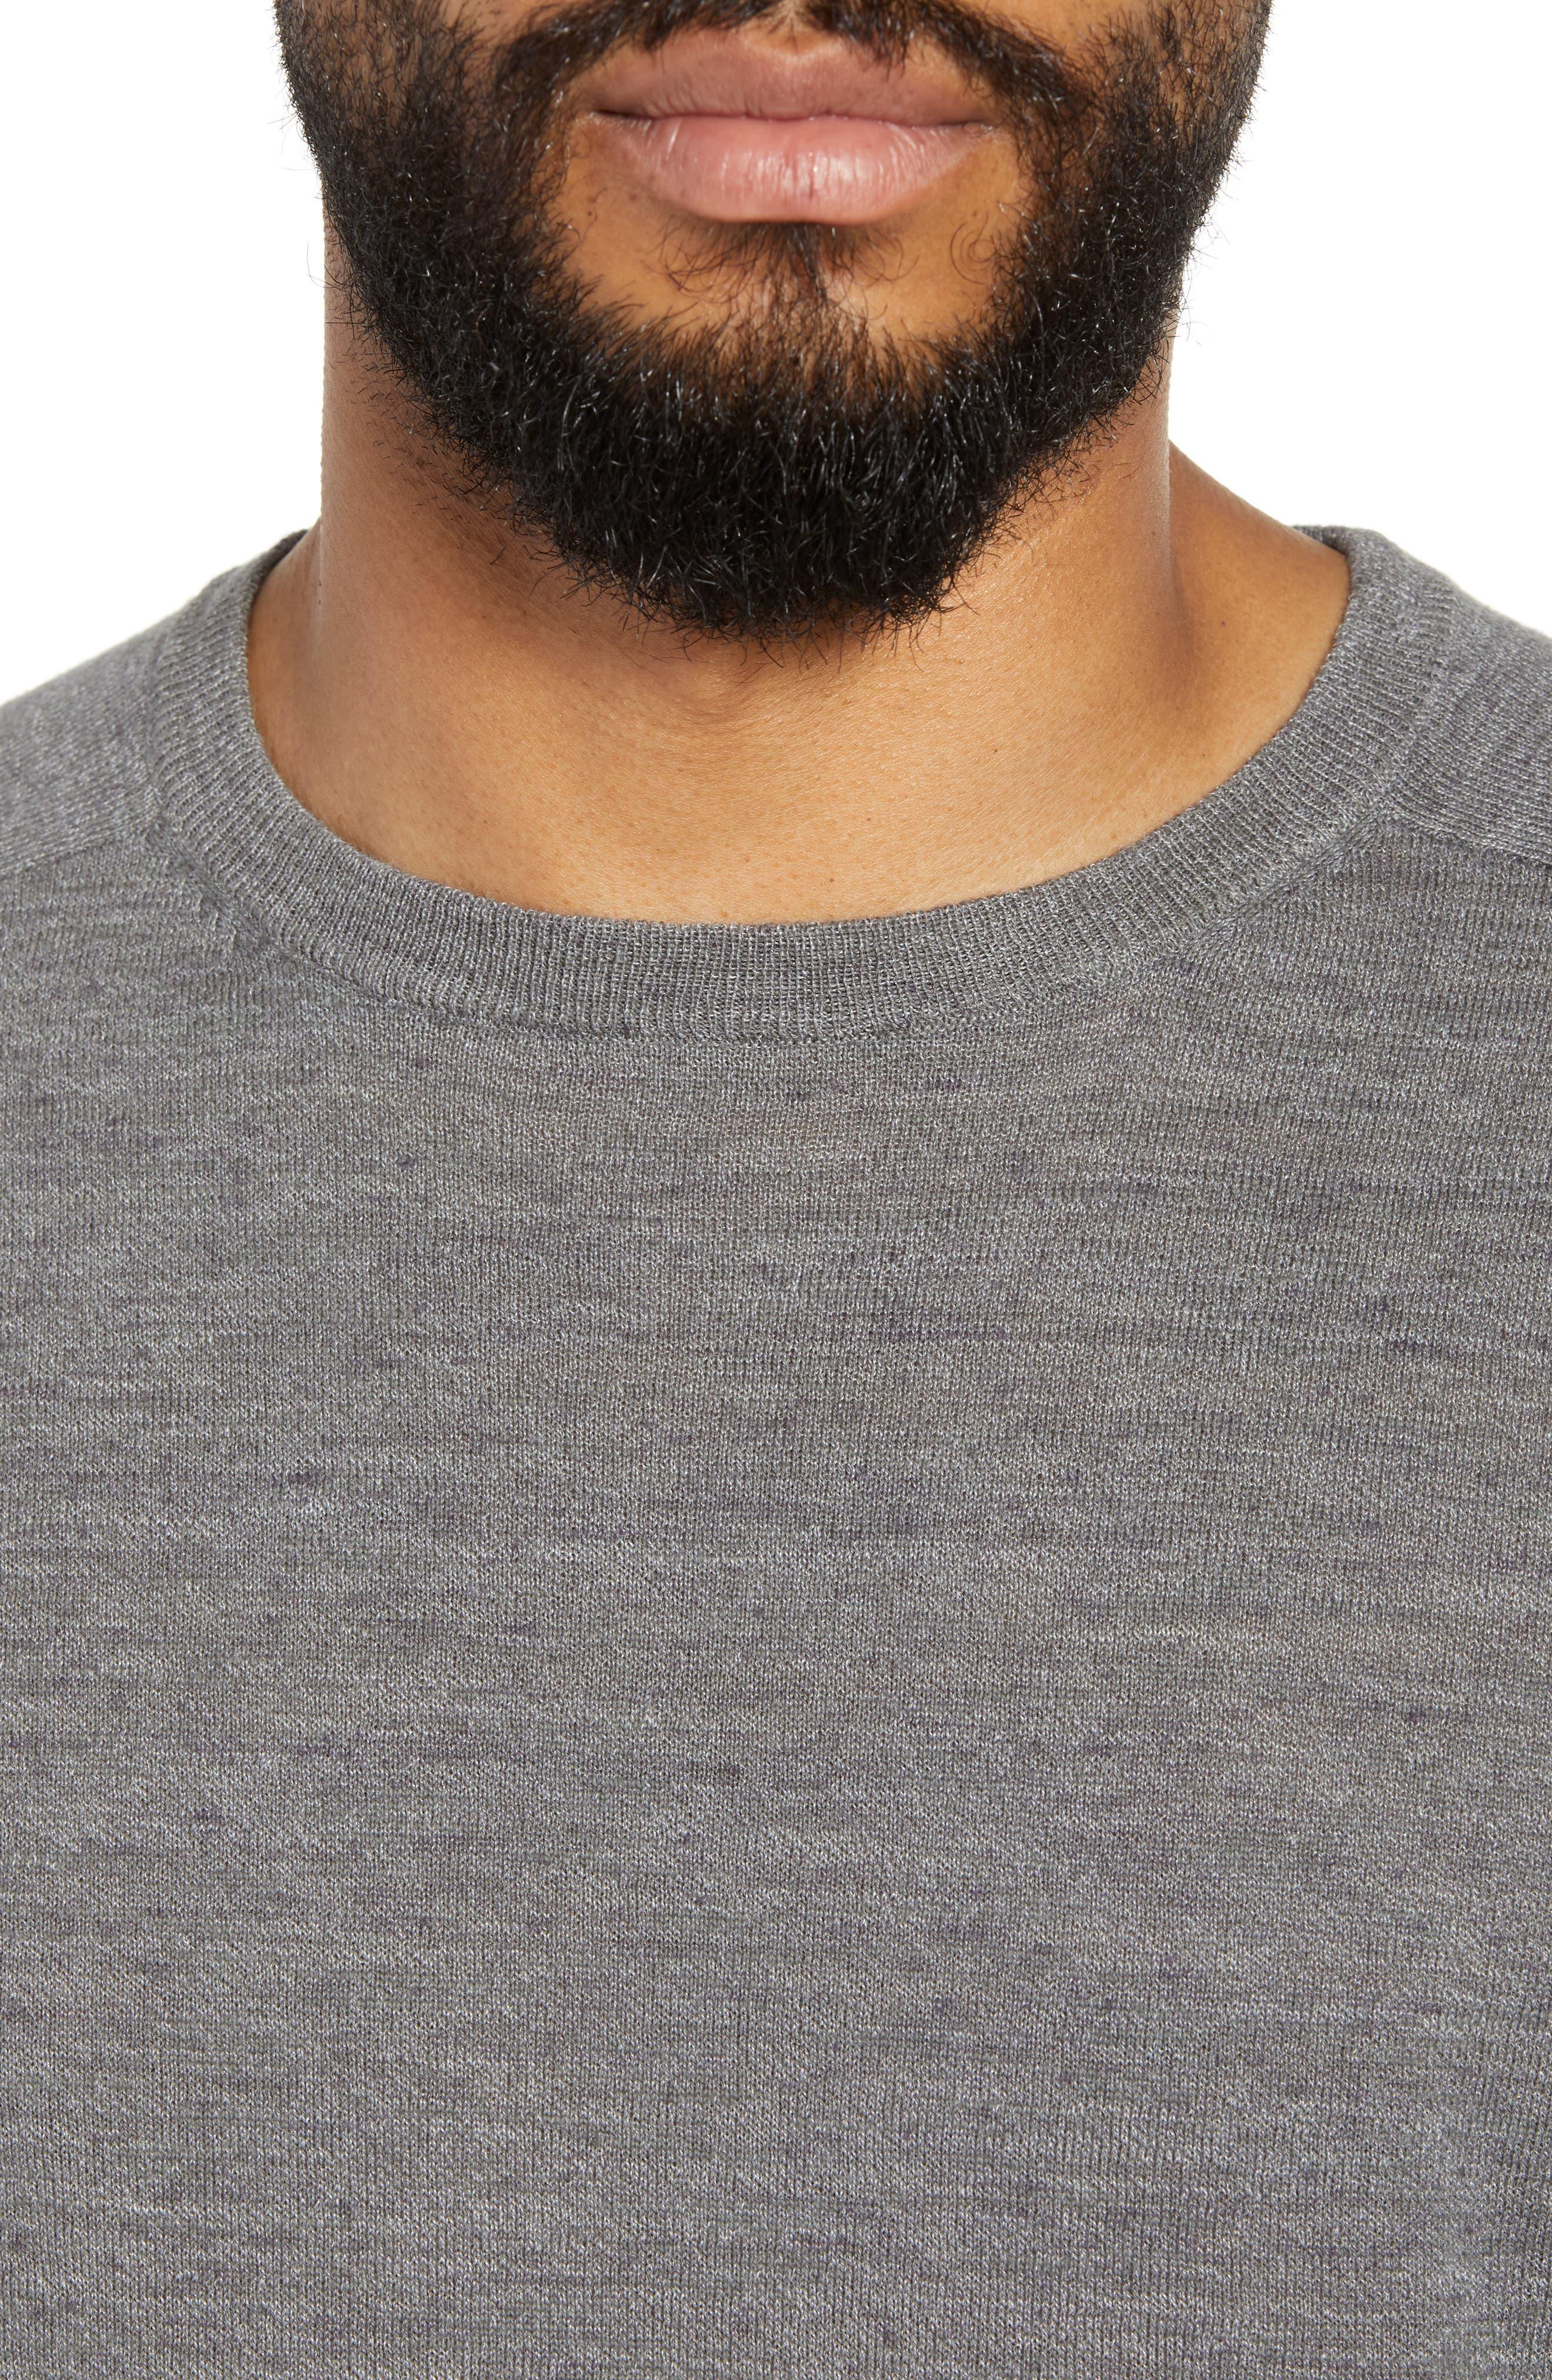 Cotton Blend Crewneck Sweater,                             Alternate thumbnail 4, color,                             022